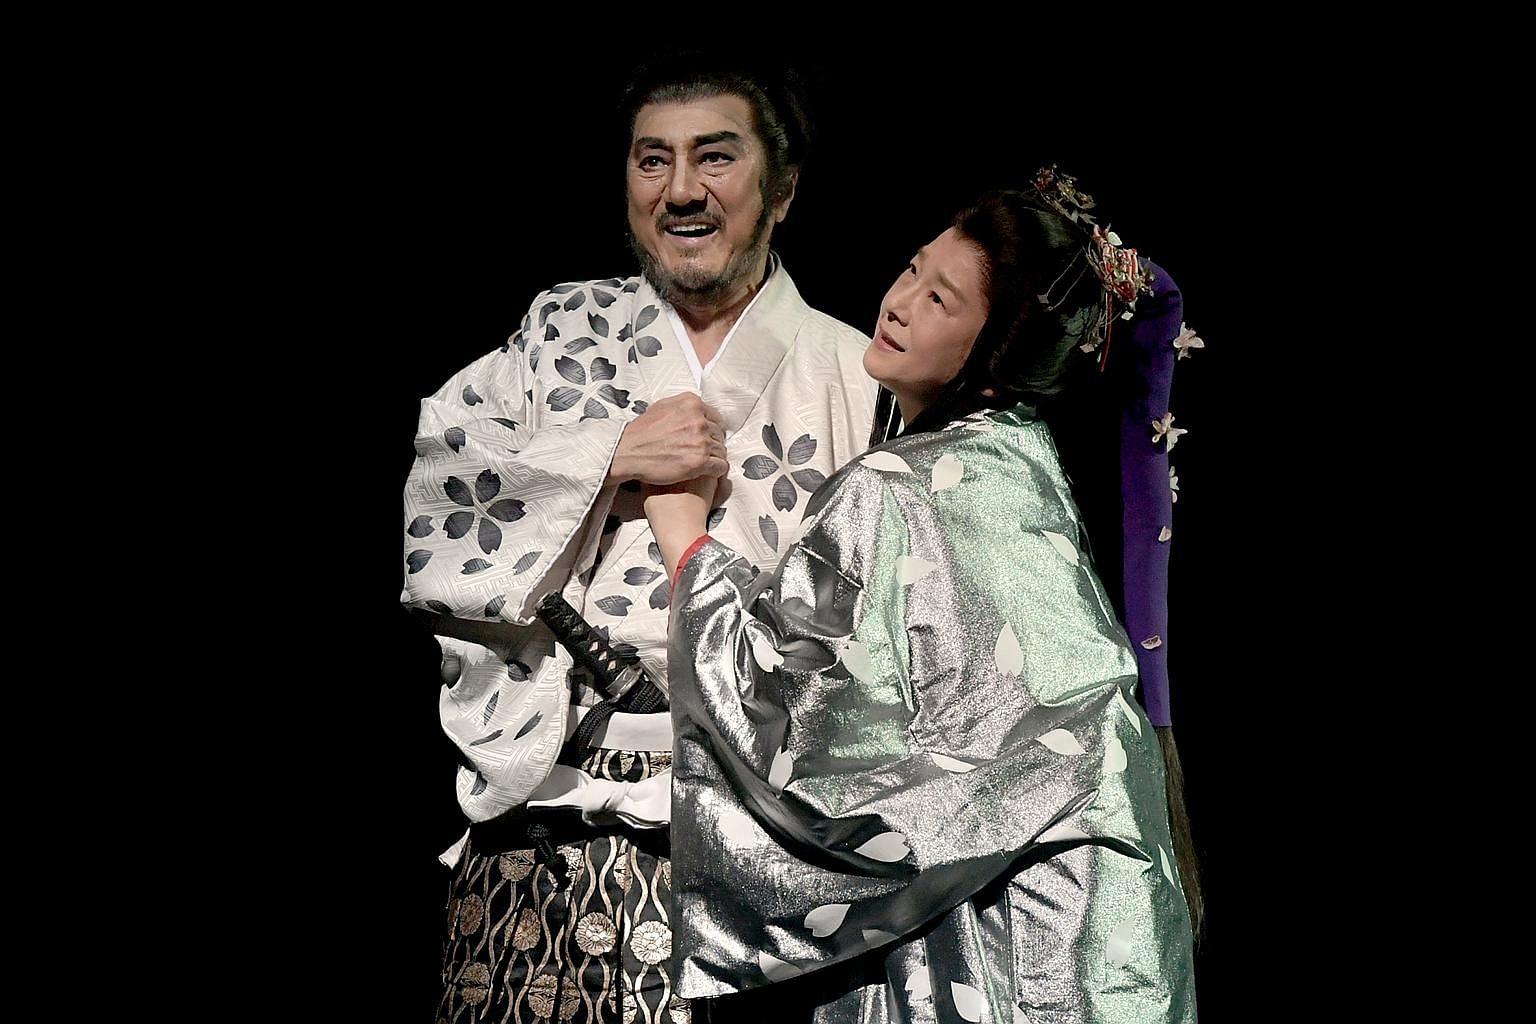 Masachika Ichimura as Macbeth and Yuko Tanaka as Lady Macbeth. (From far Left) Kyozo Nakamura, Eiichi Seike and Yamato Kamiyama as the three witches.